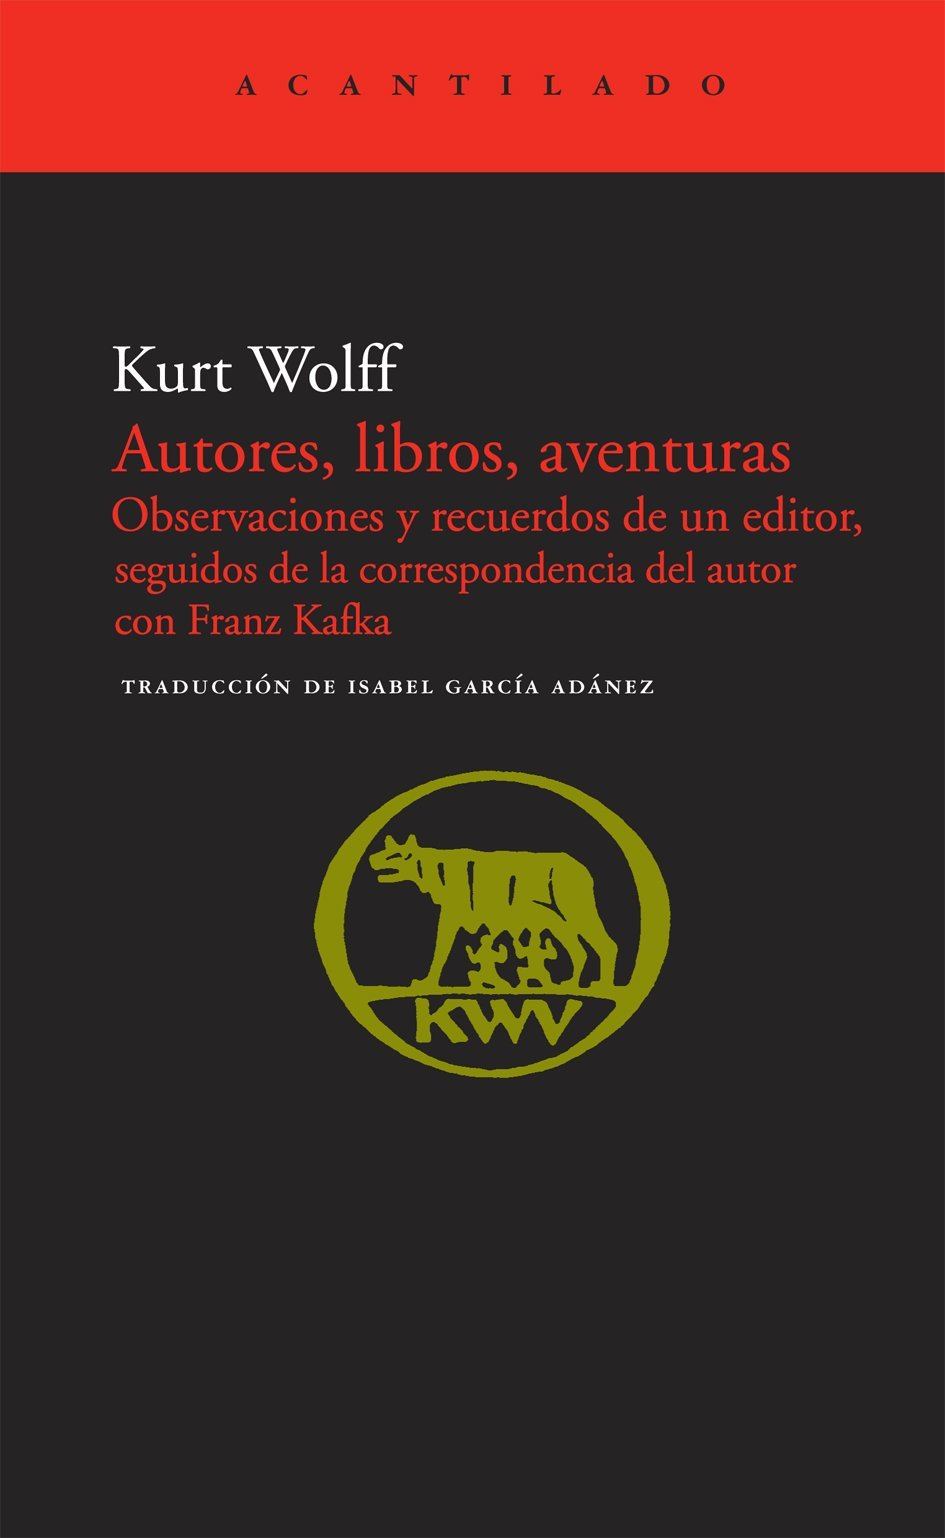 Autores, libros, aventuras: Observaciones y recuerdos de un editor, seguidos de la correspondencia con Franz Kafka (El Acantilado) Tapa blanda – 1 ene 2010 Kurt Wolff Isabel García Adánez 8492649364 2087669